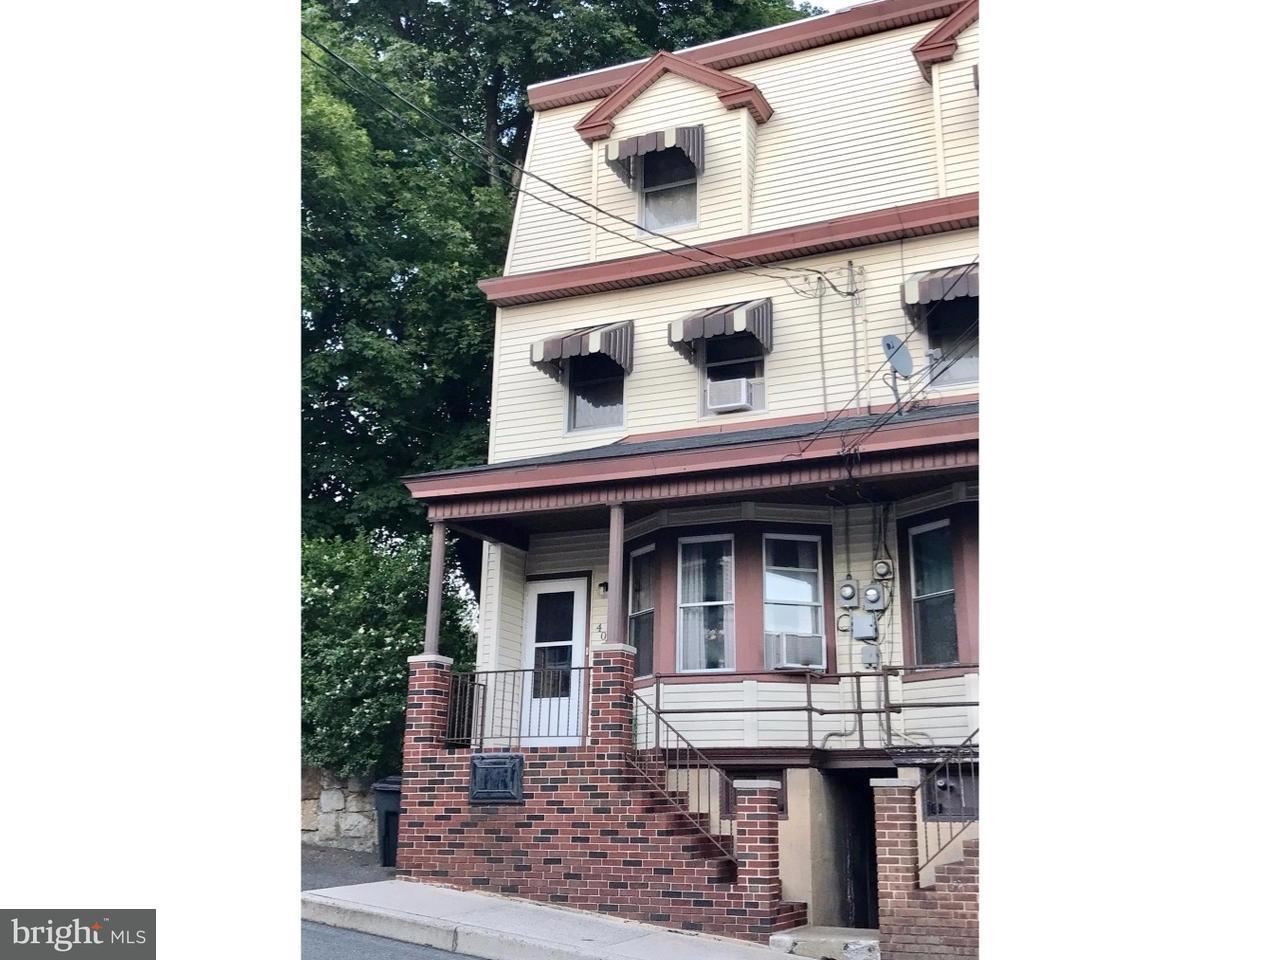 Casa unifamiliar adosada (Townhouse) por un Venta en 407 N 2ND Street Minersville, Pennsylvania 17954 Estados Unidos